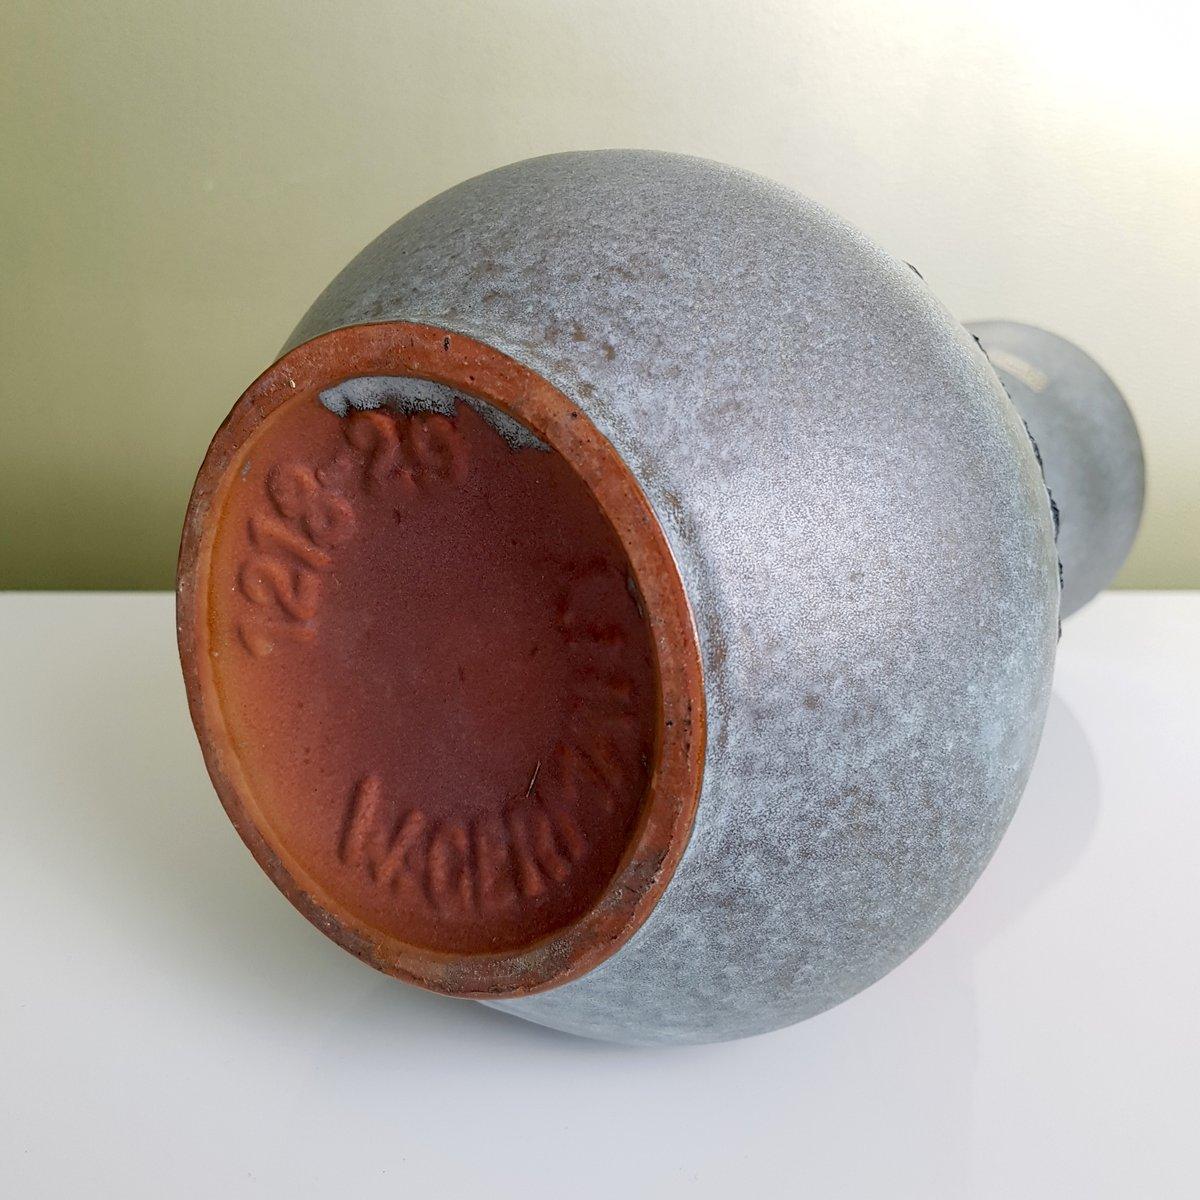 Vintage german flamed ceramic vase from carstens for sale at pamono vintage german flamed ceramic vase from carstens 7 19300 price per piece reviewsmspy